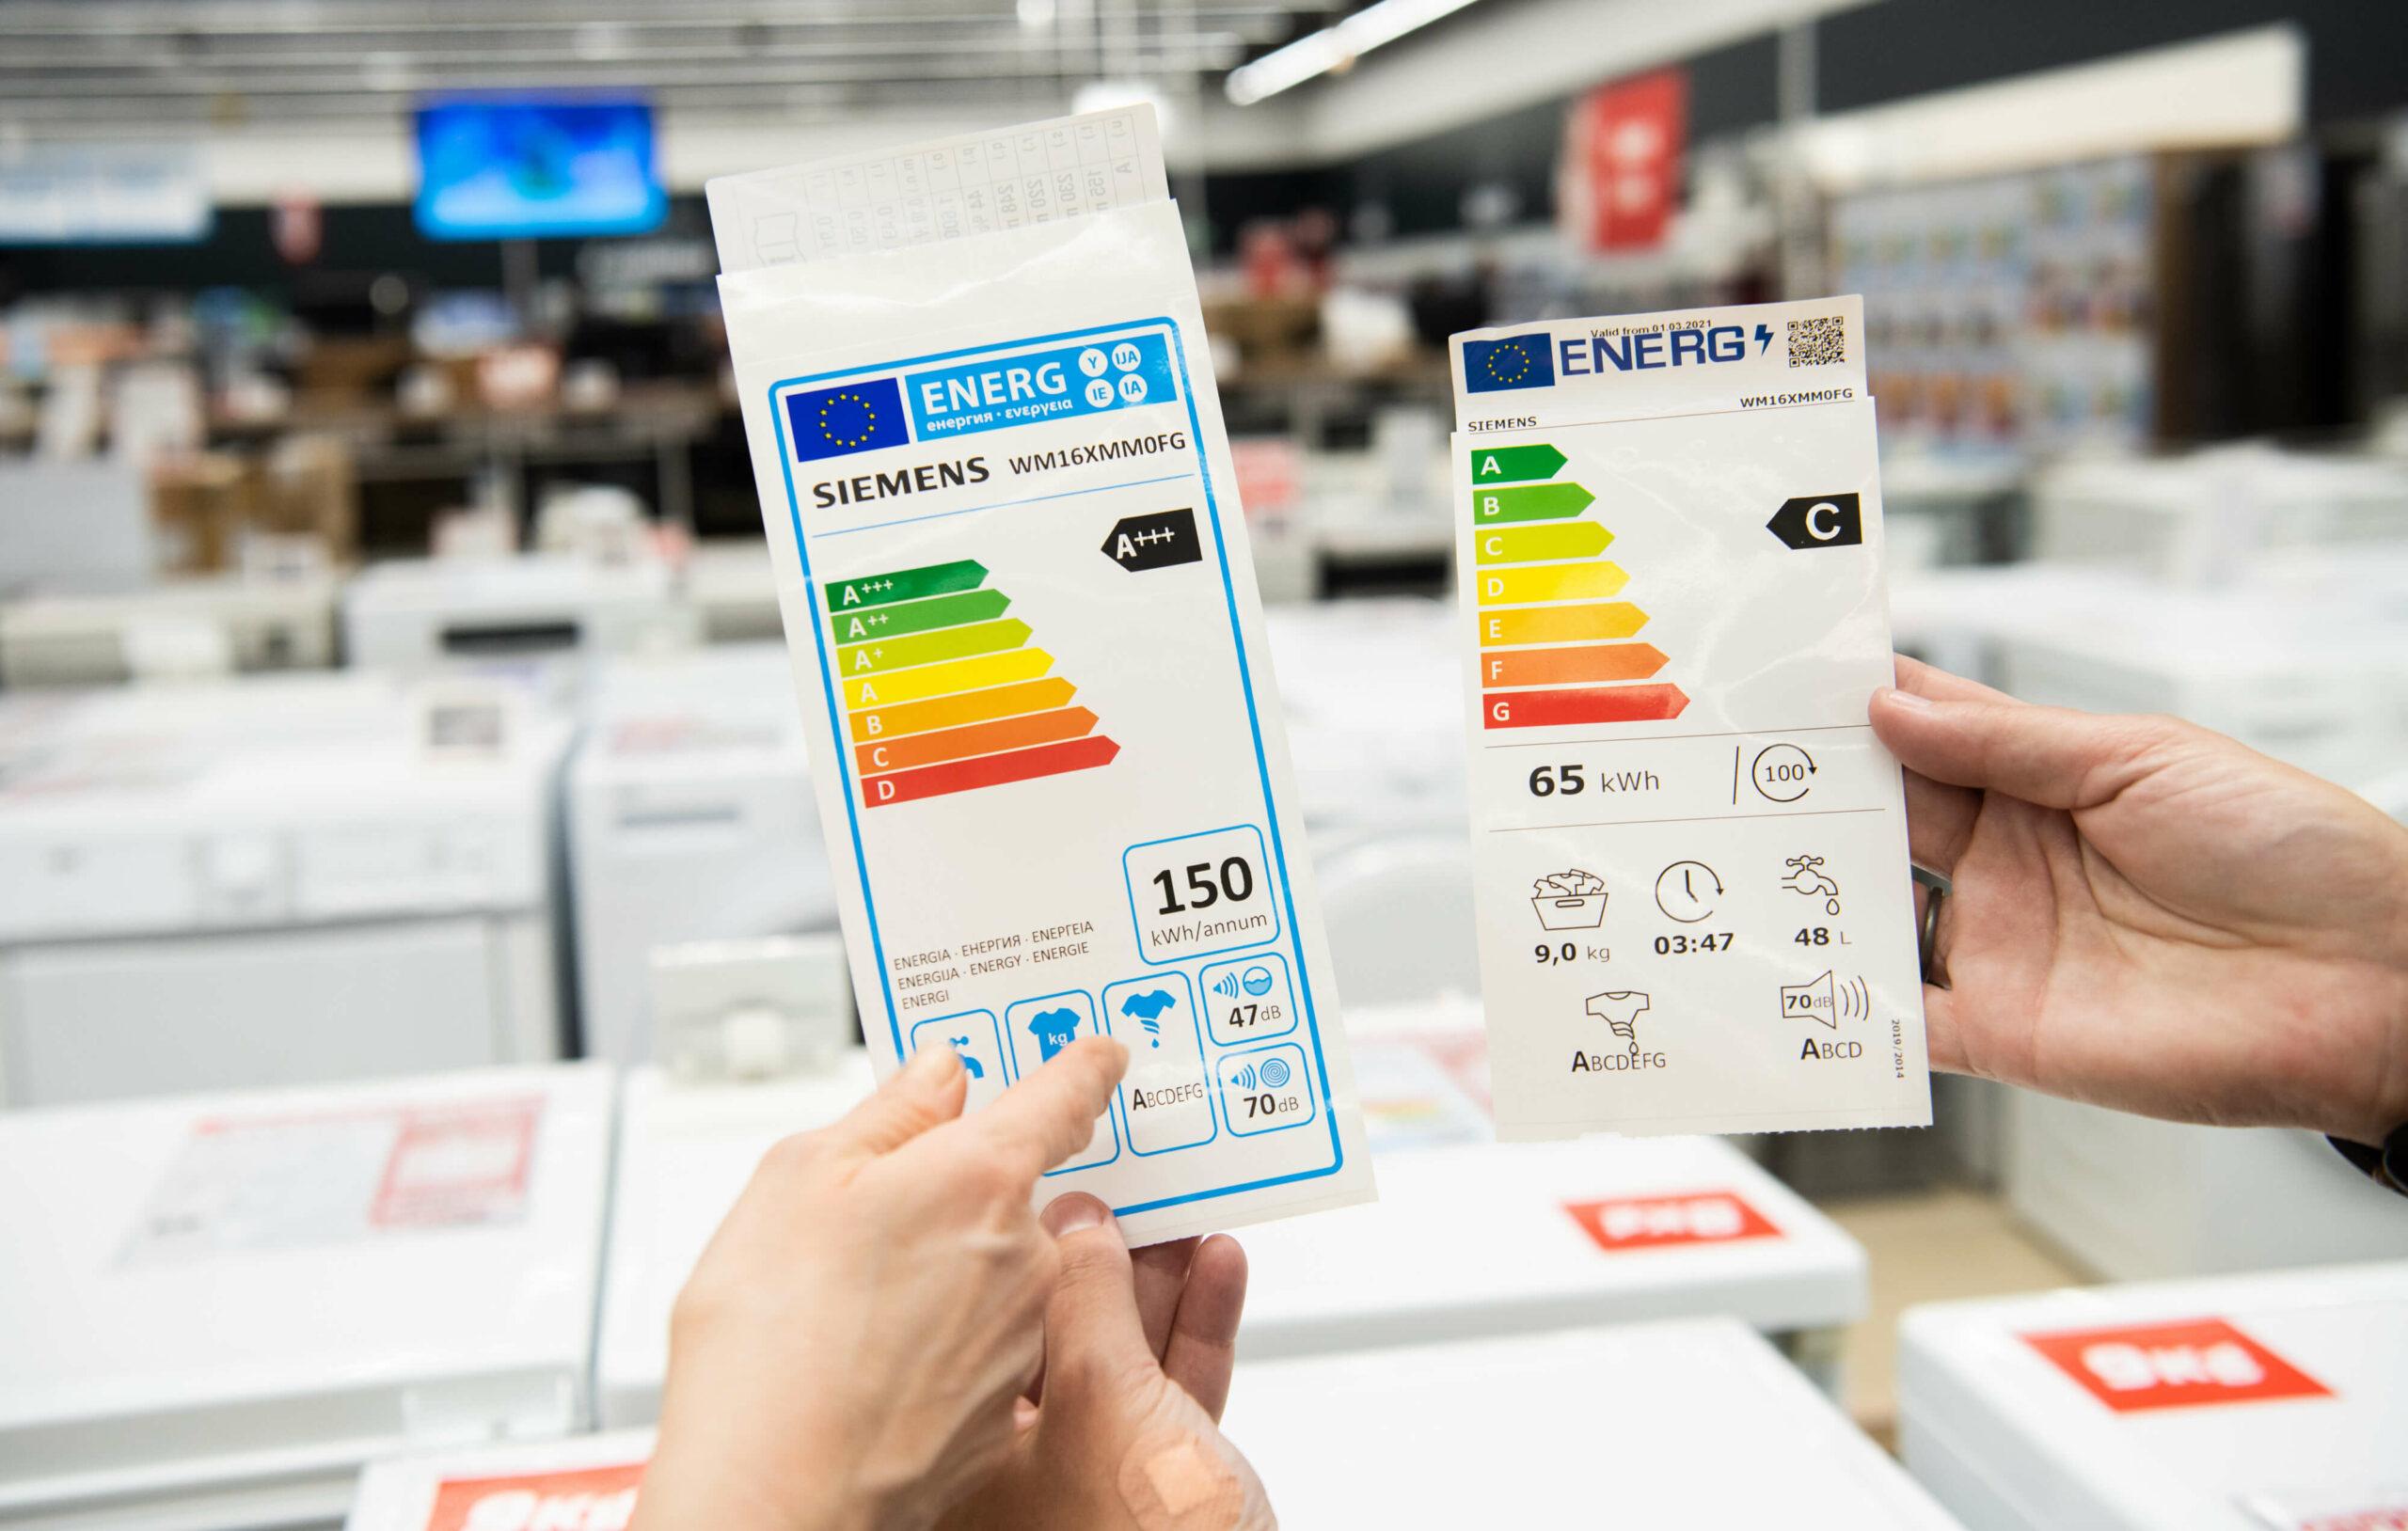 Kunden können mit dem neuen Energielabel wesentlich leichter den Energieverbrauch von z. B. mobilen Klimageräten einschätzen. (Foto: Copyright Europäische Union, 2021)